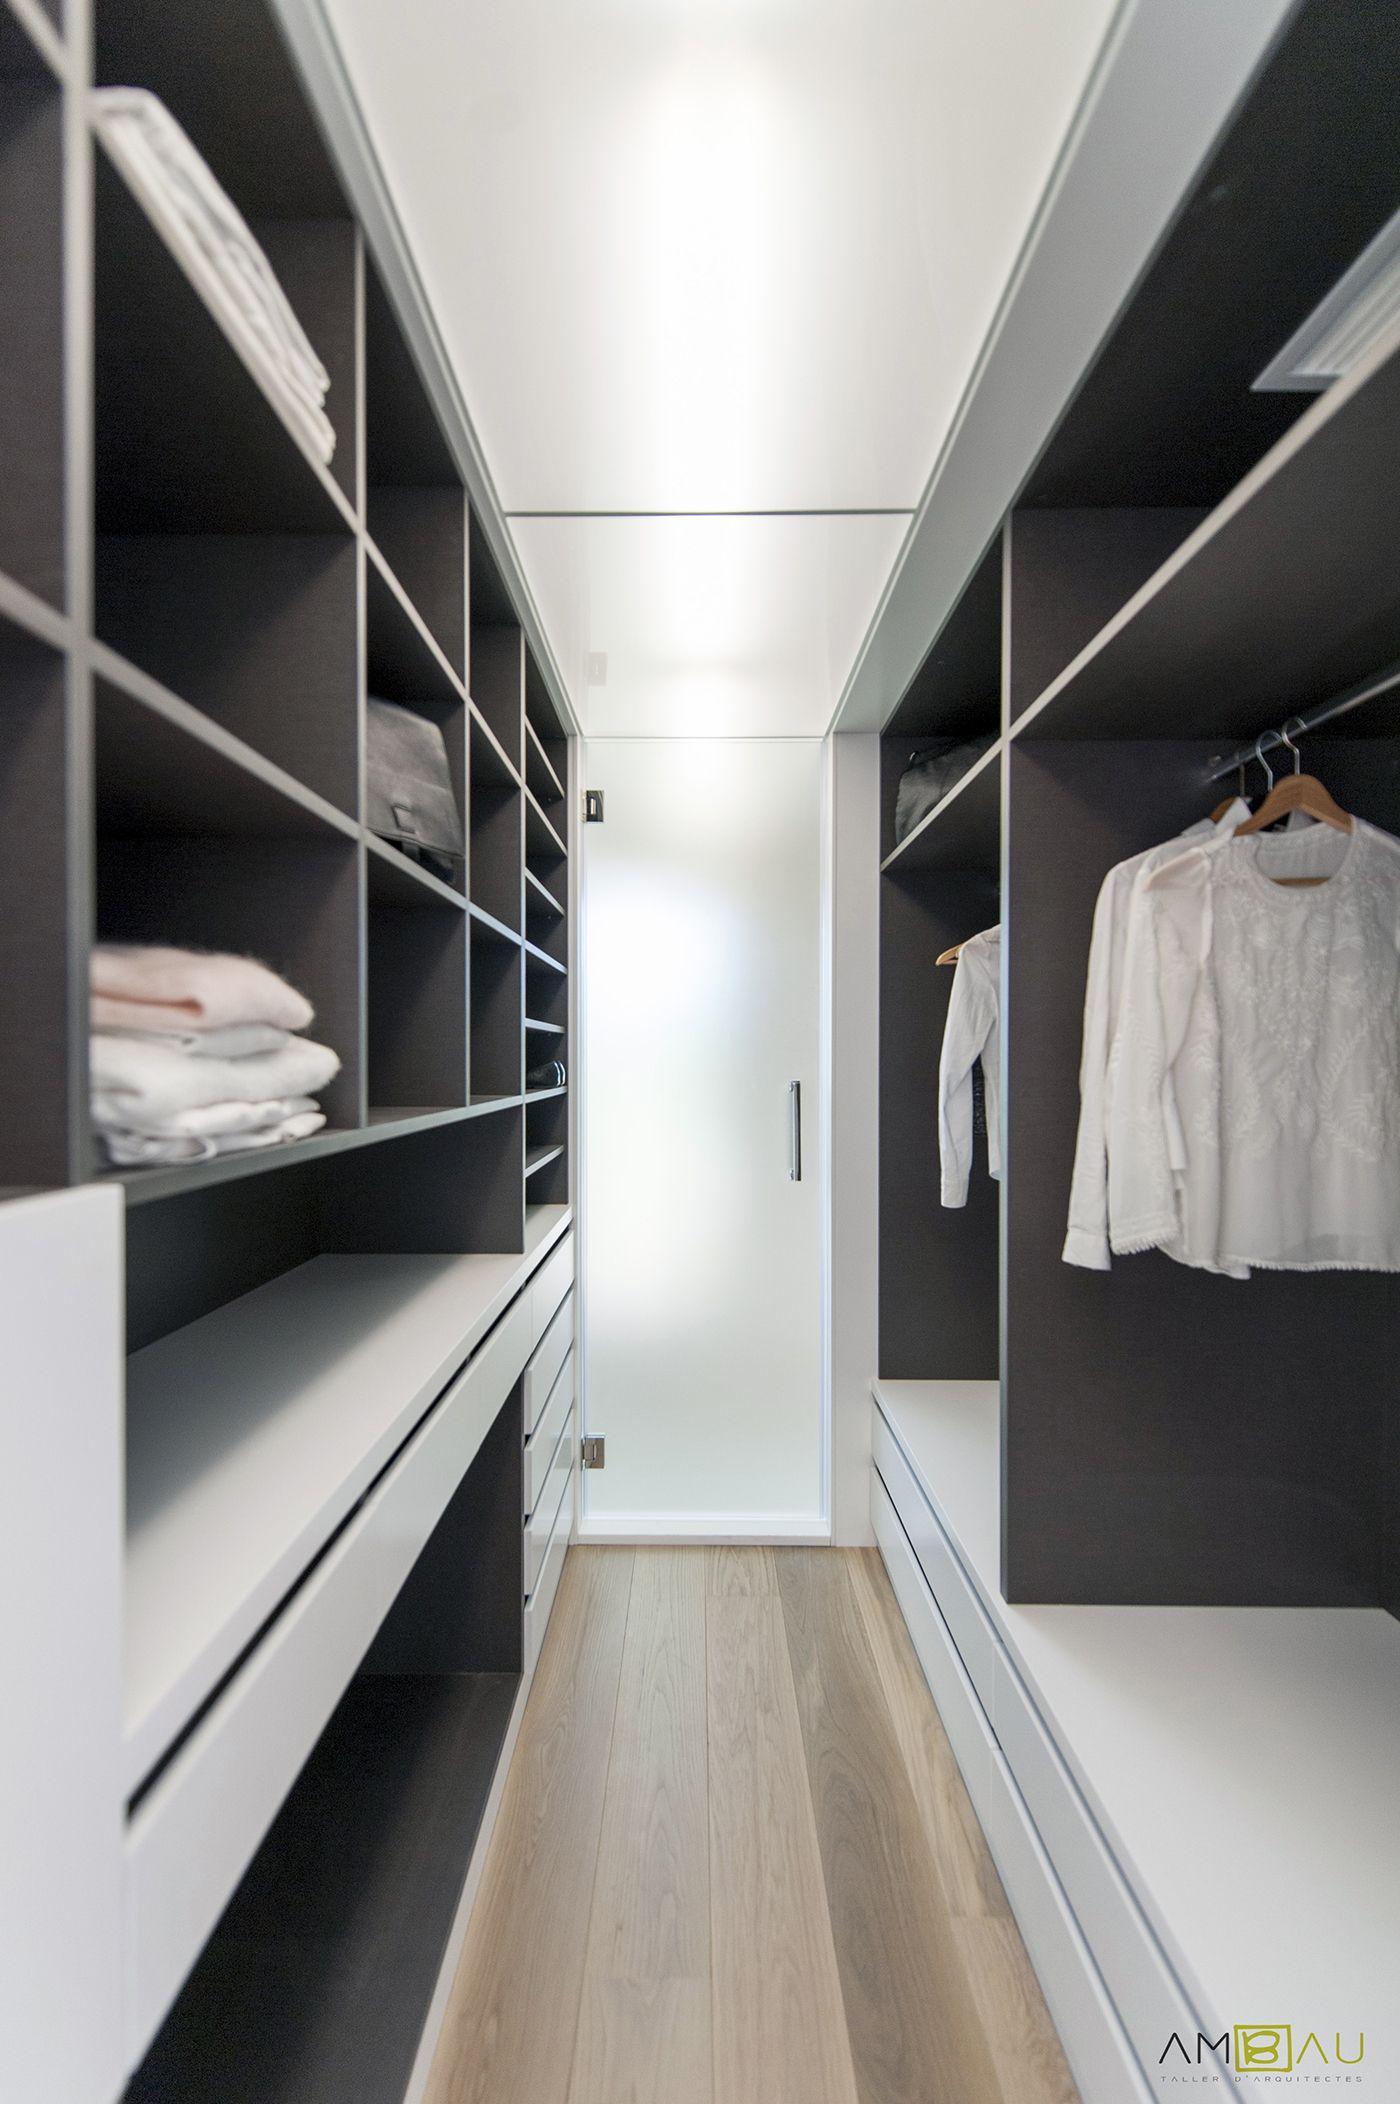 Ideas de dormitorio vestidor estilo contemporaneo for Master interiorismo valencia